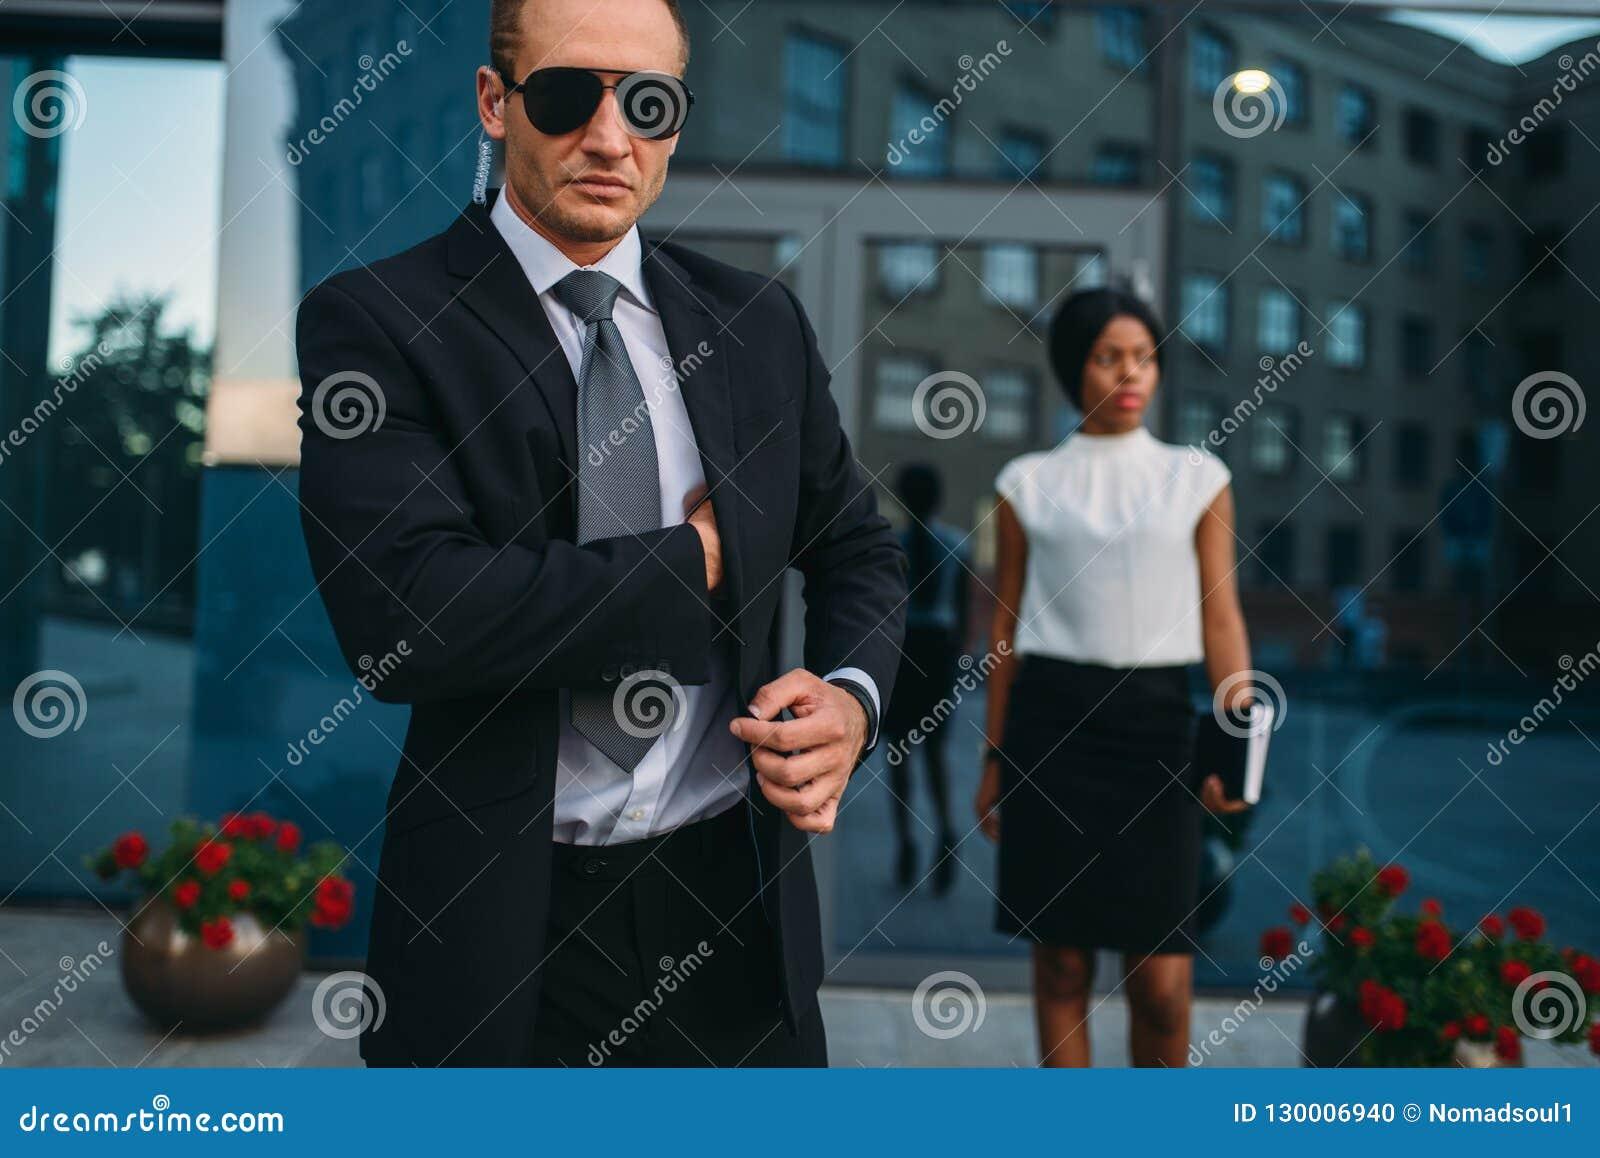 Poważny ochroniarz w kostiumu, okularach przeciwsłonecznych i earpiece,